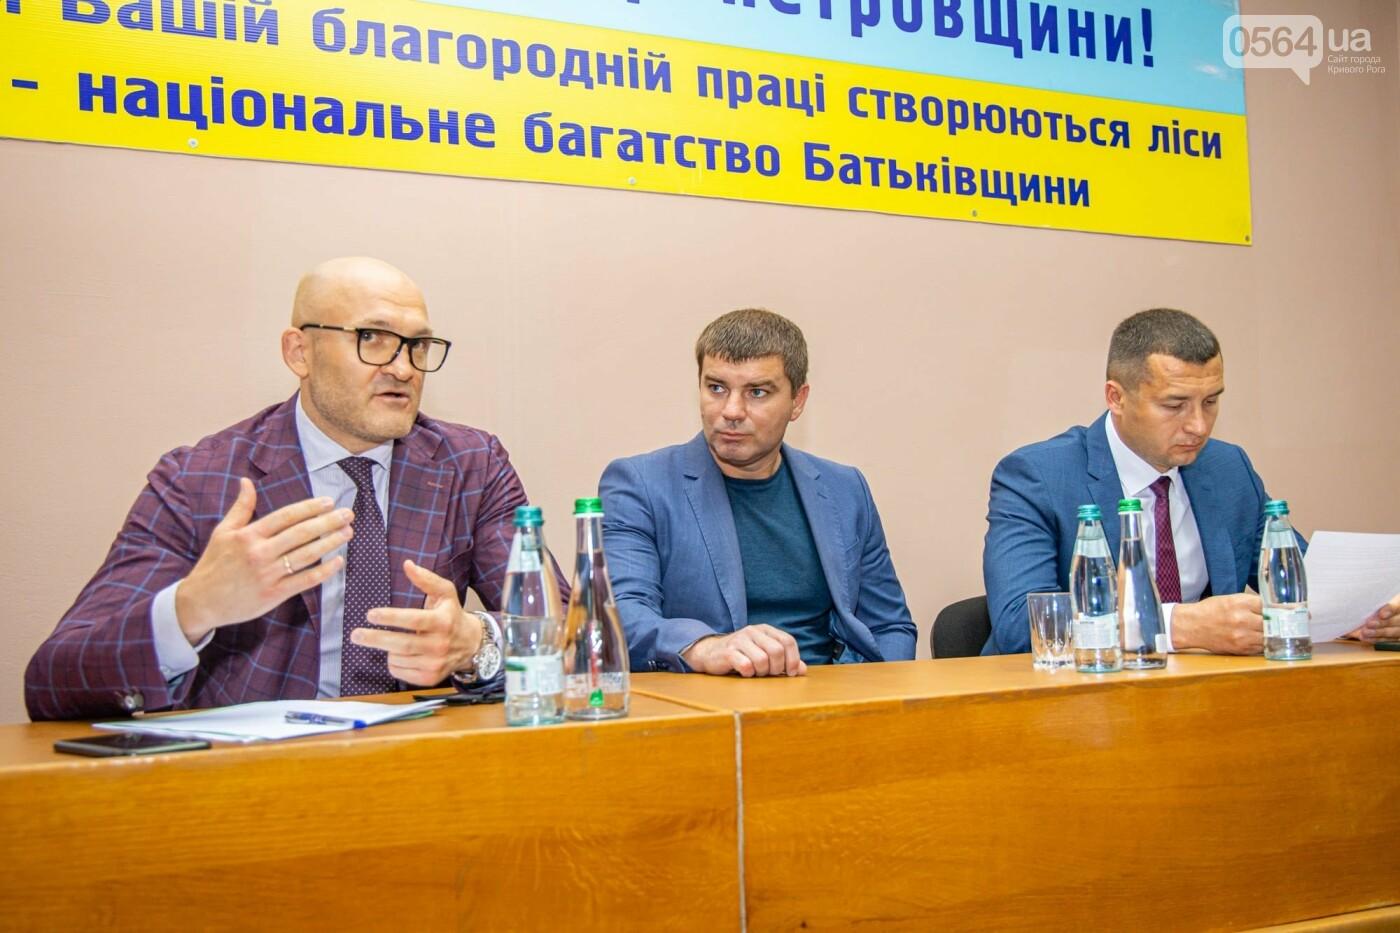 На Днепропетровщине назначили нового руководителя лесхоза, - ФОТО, фото-1